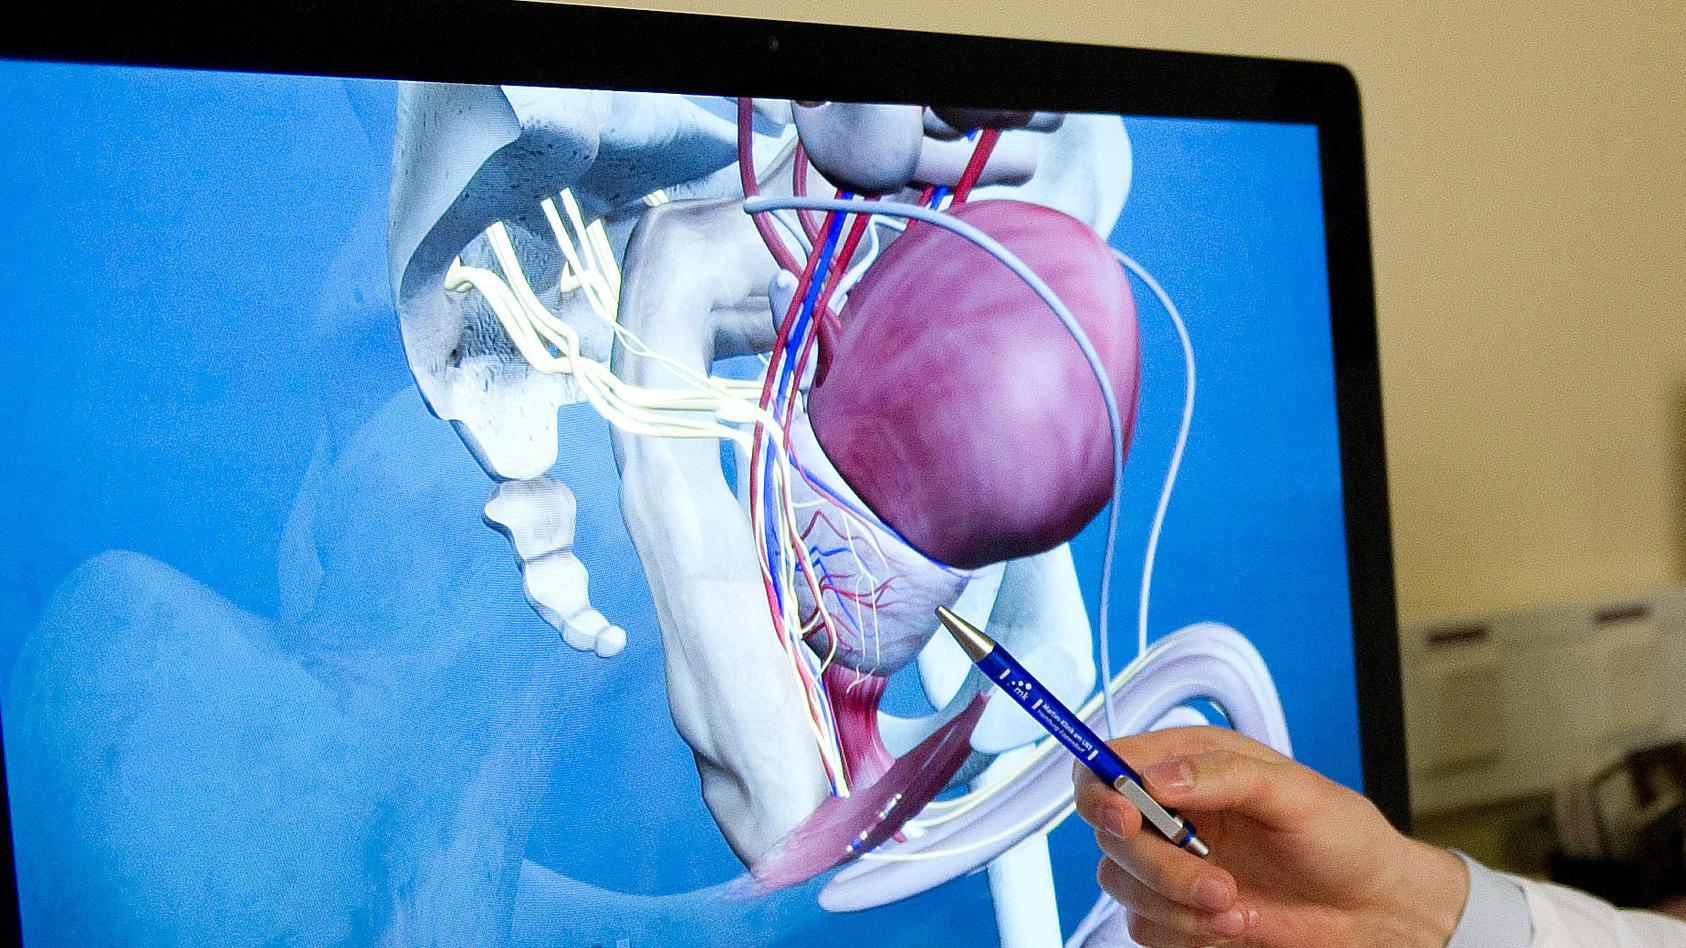 Eine Hand mit einem Stift zeigt auf ein 3D-Modell einer Prostata.